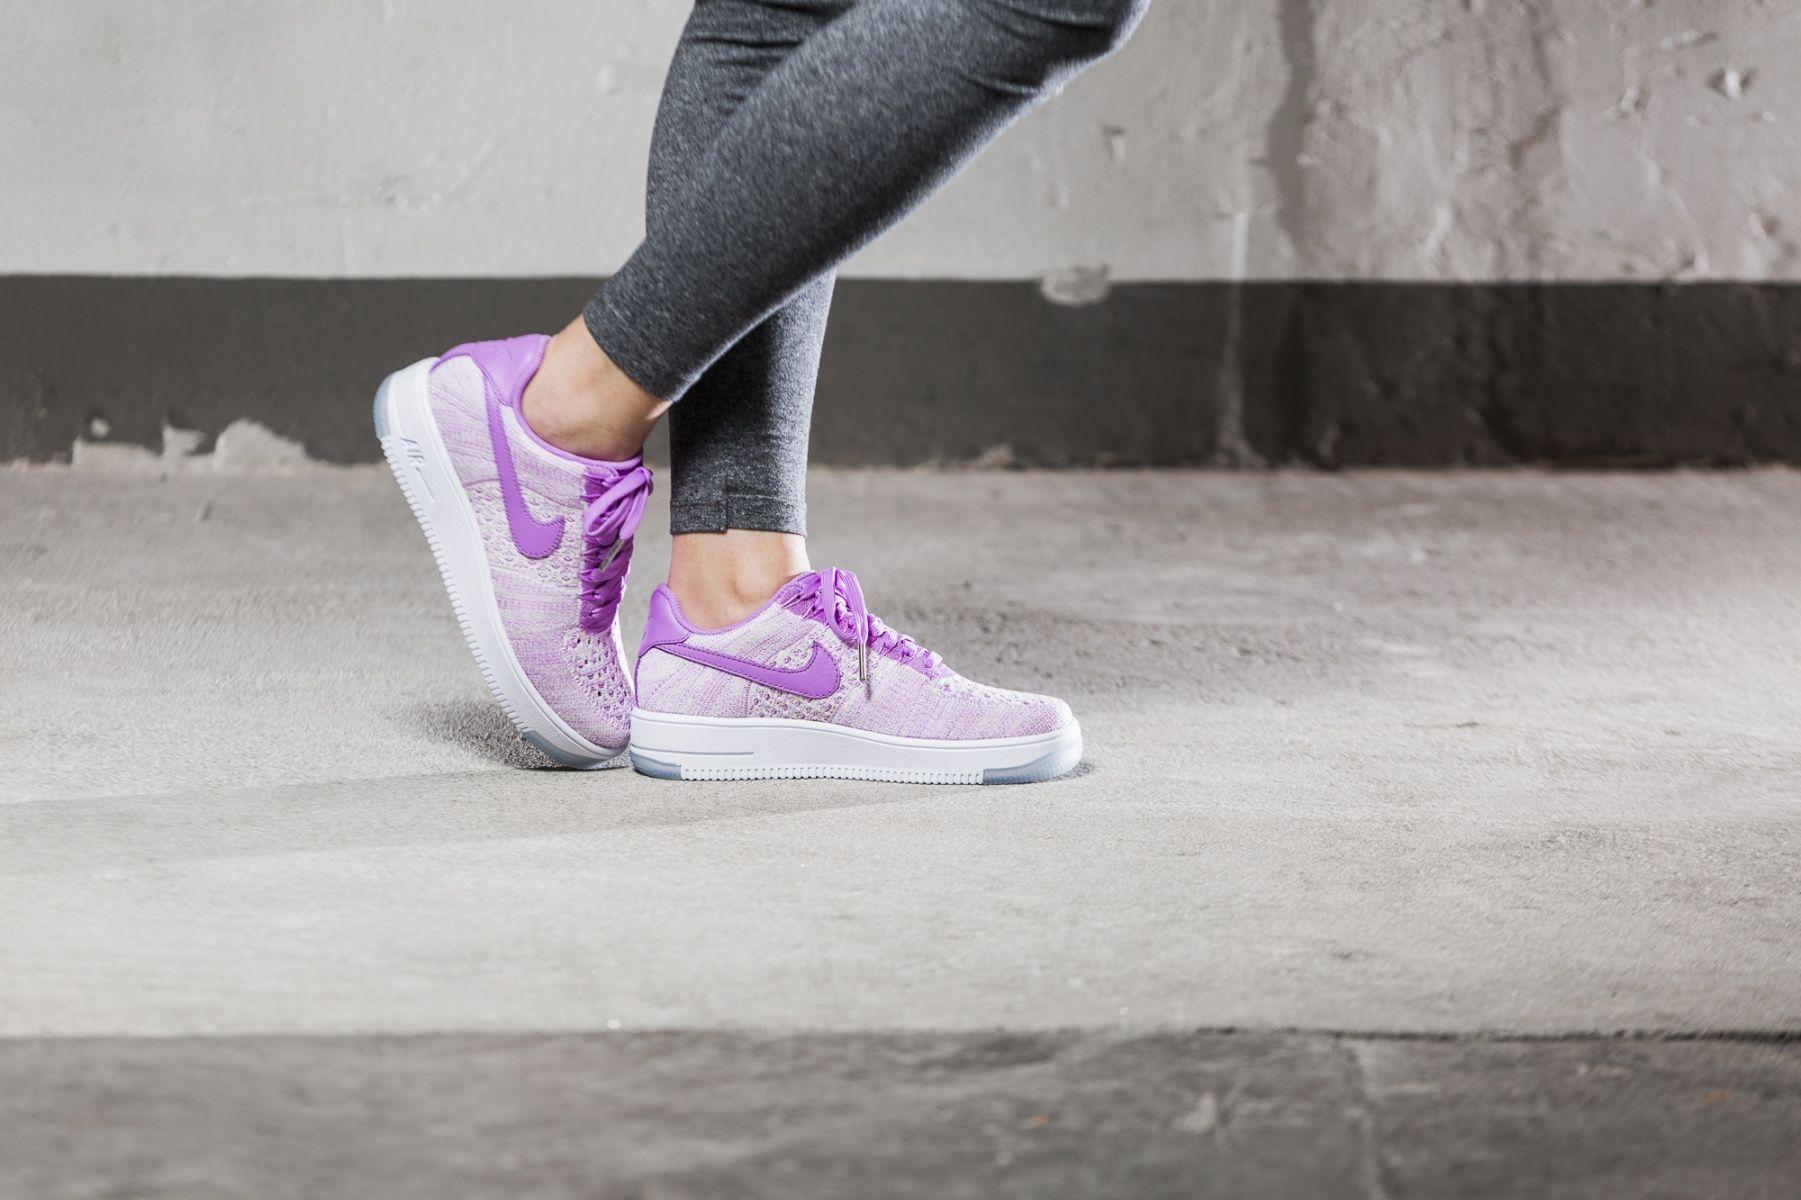 nike air force 1 flyknit low spor ayakkabı ile ilgili görsel sonucu